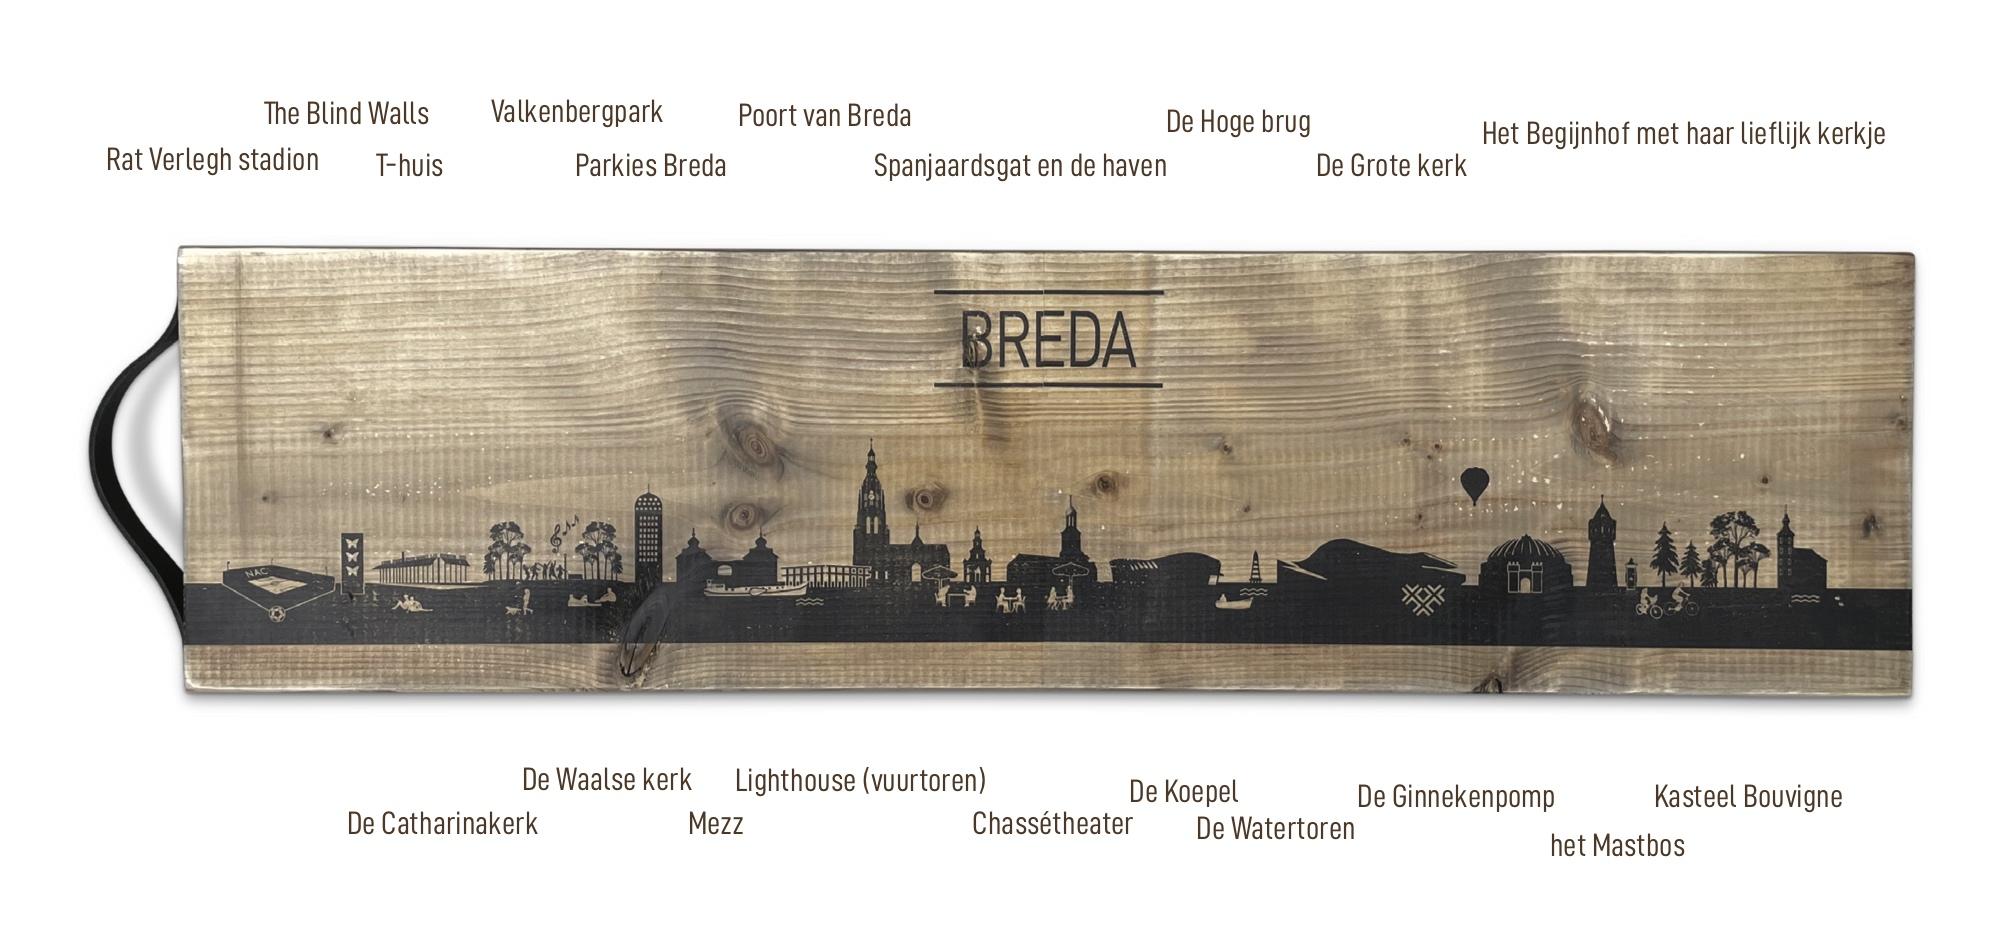 Skyline BredaplankXLBREDA met uitleg